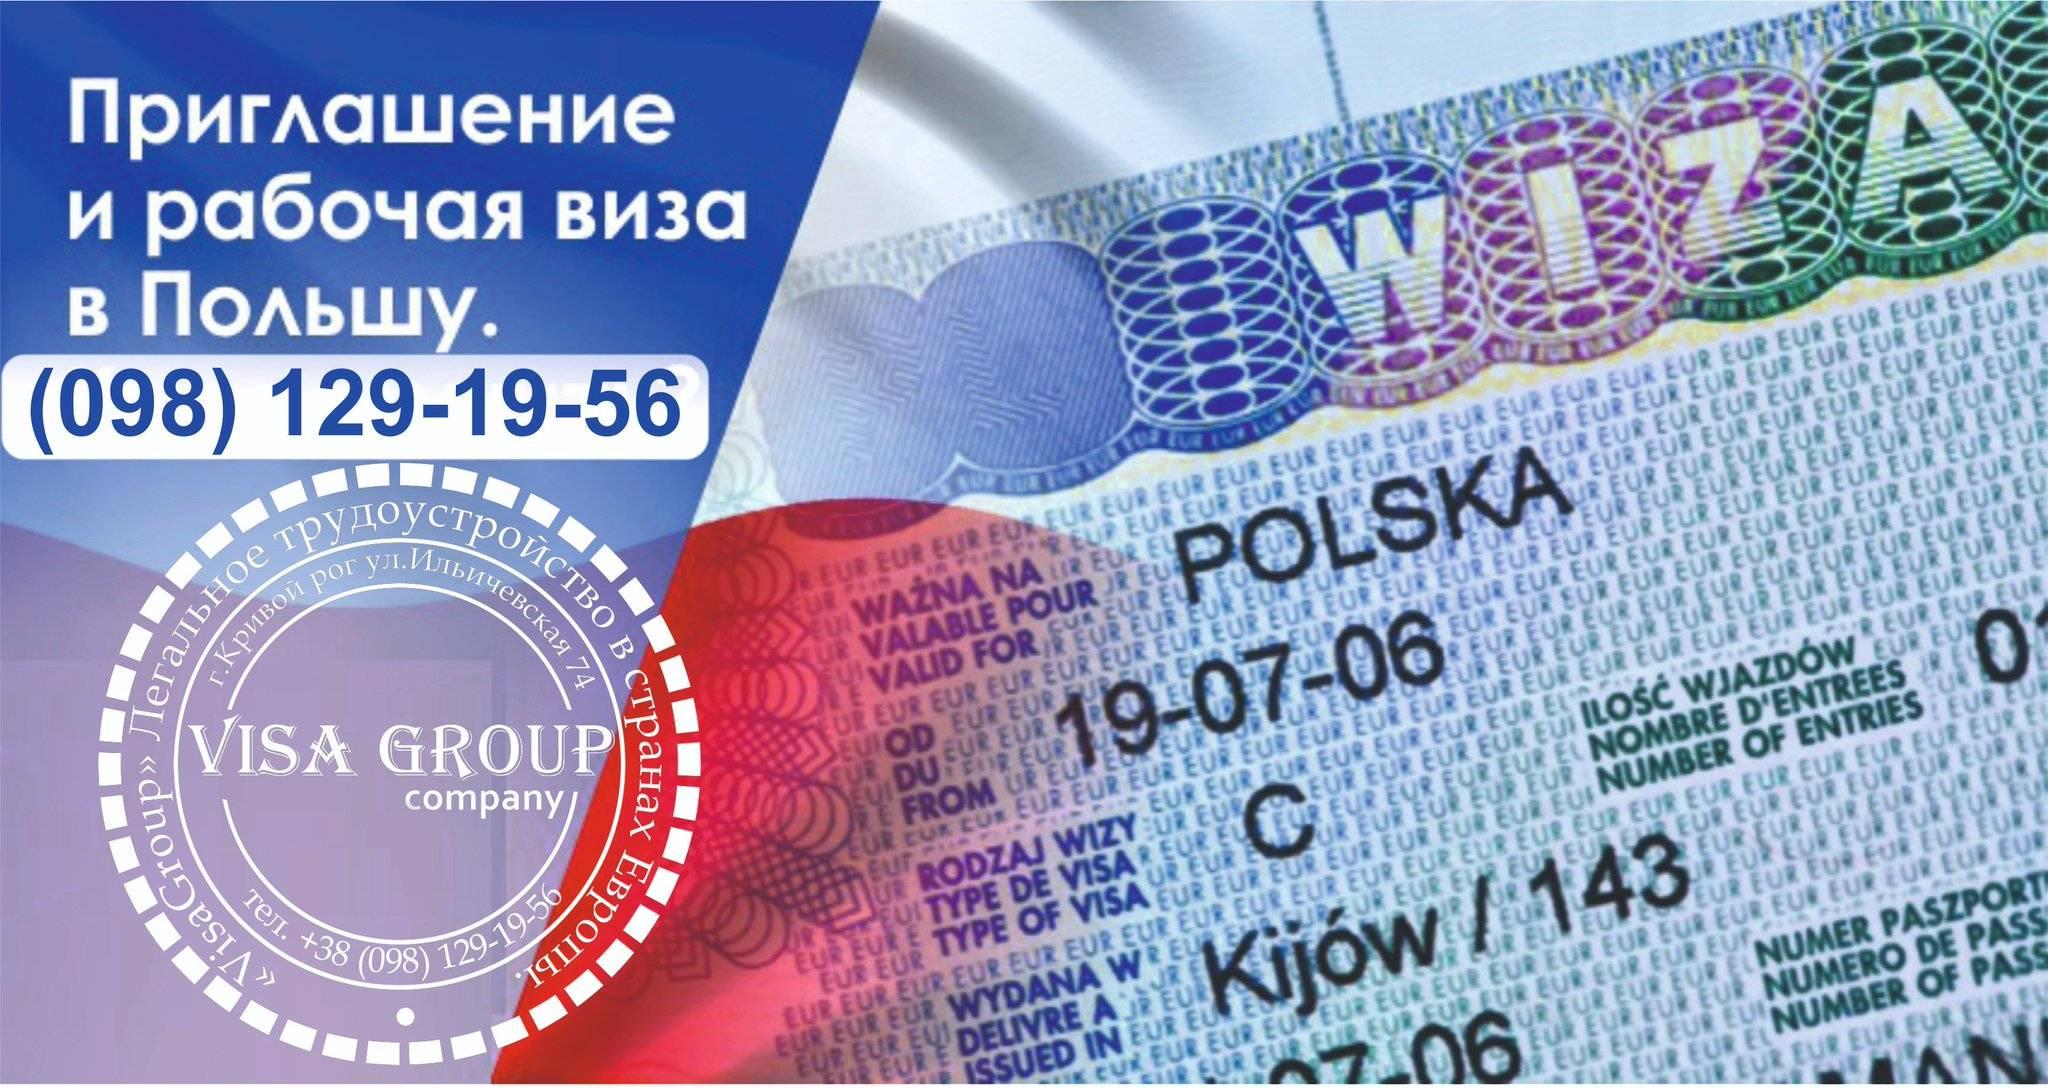 Виза в польшу: от регистрации до получения